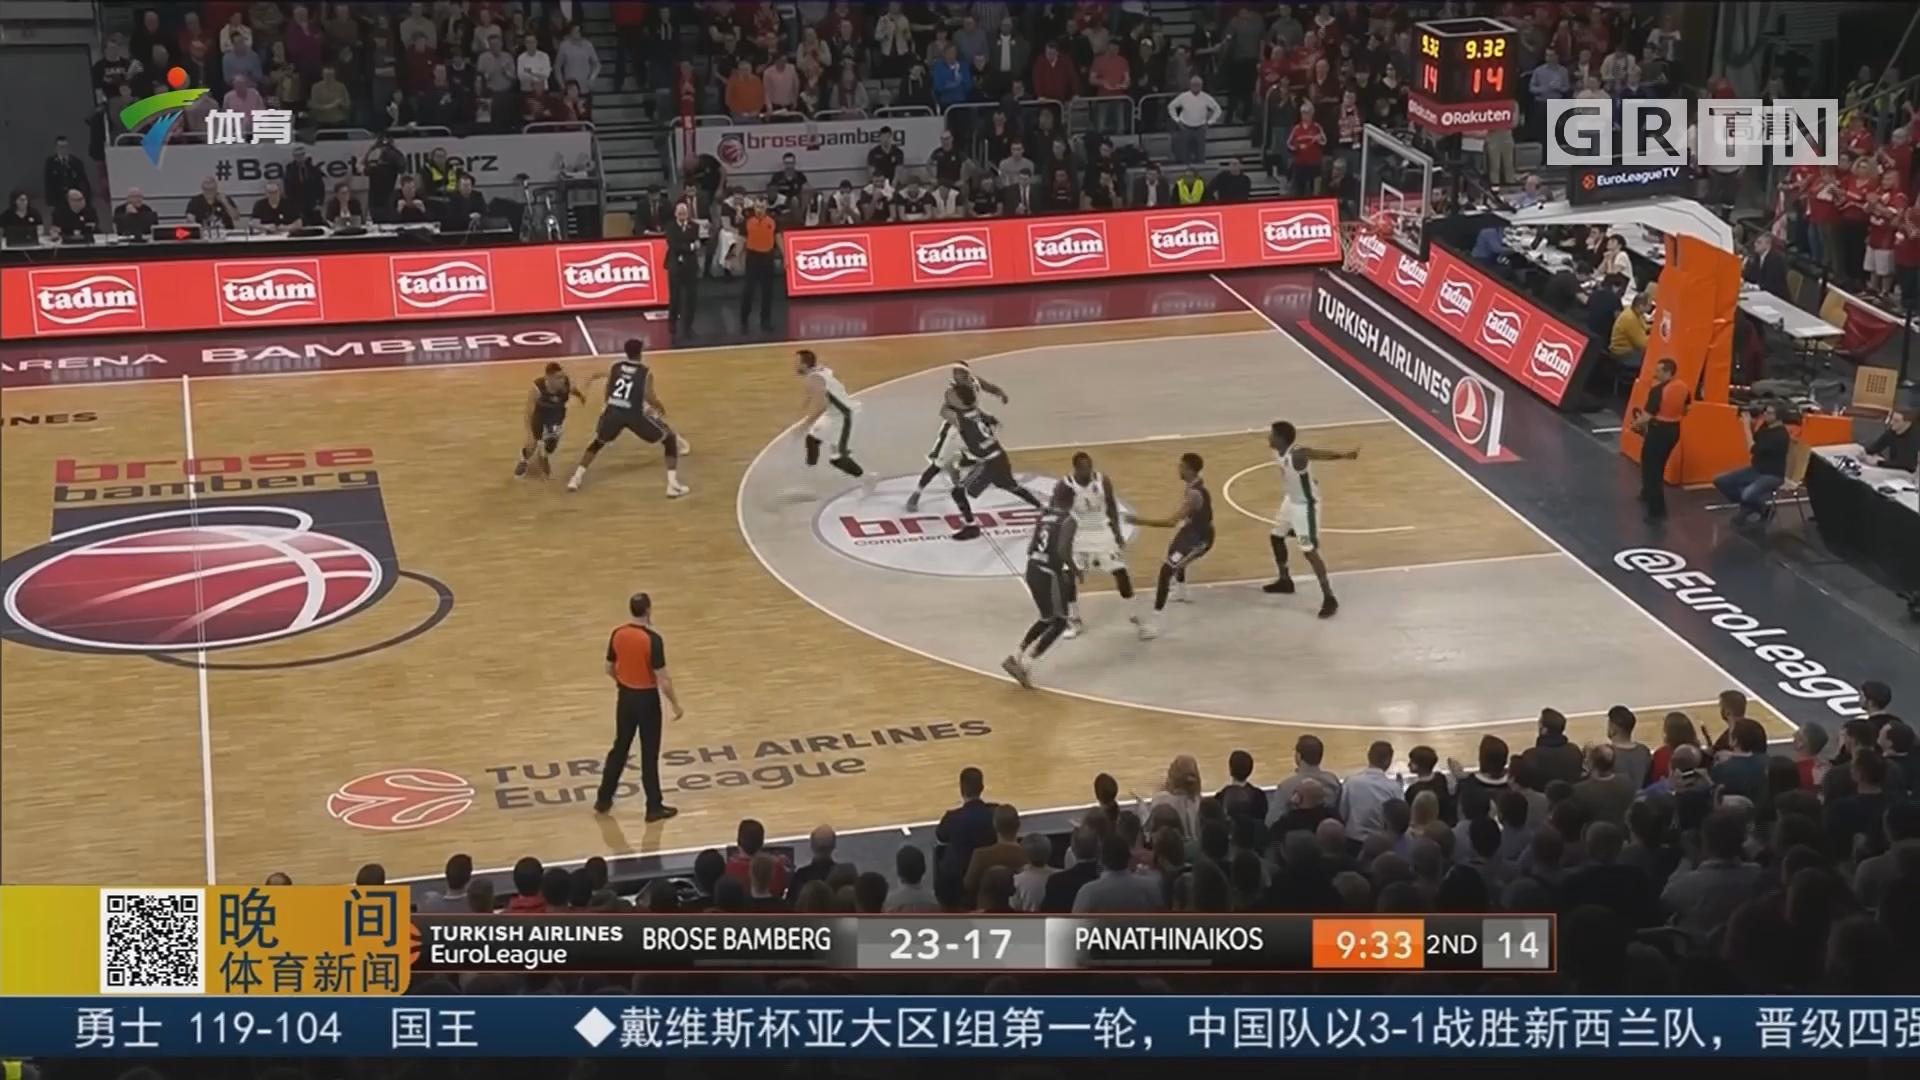 欧洲篮球冠军联赛 班贝格大胜帕纳辛奈科斯